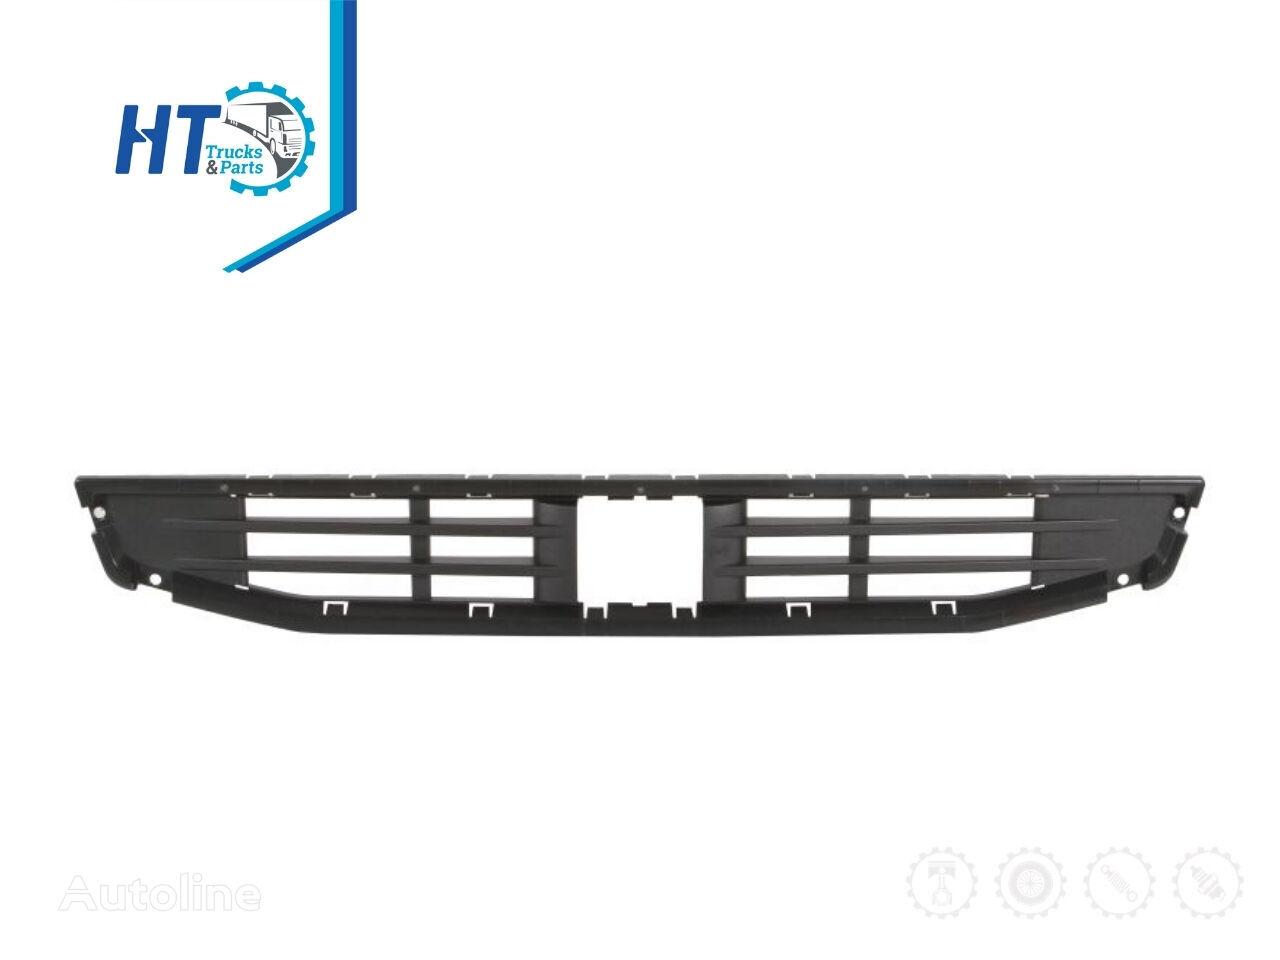 VOLVO ALT (82298657) parrilla de radiador para VOLVO camión nueva